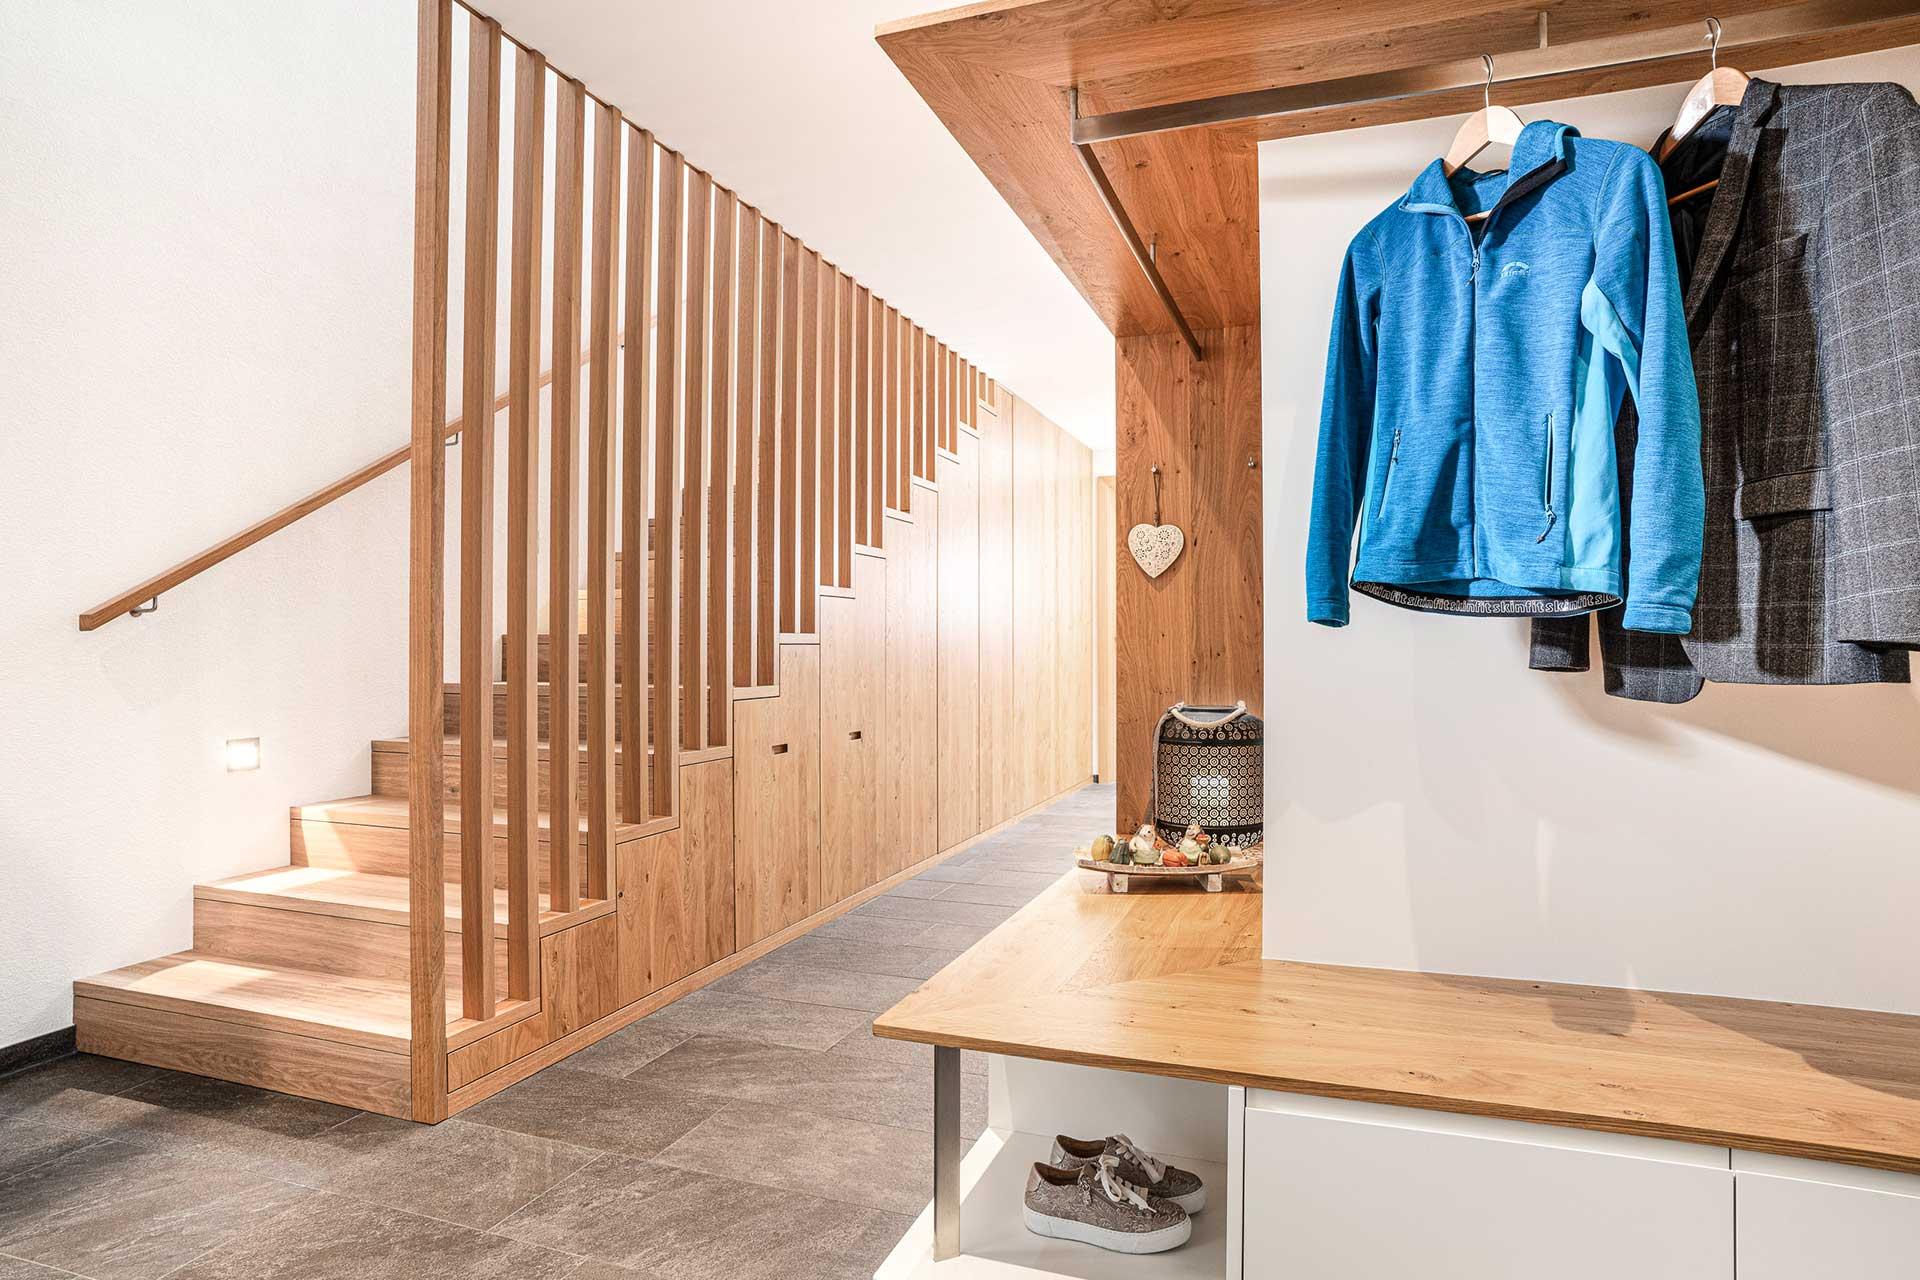 Holzstiege und Garderobe vom Tischler in Vorarlberg